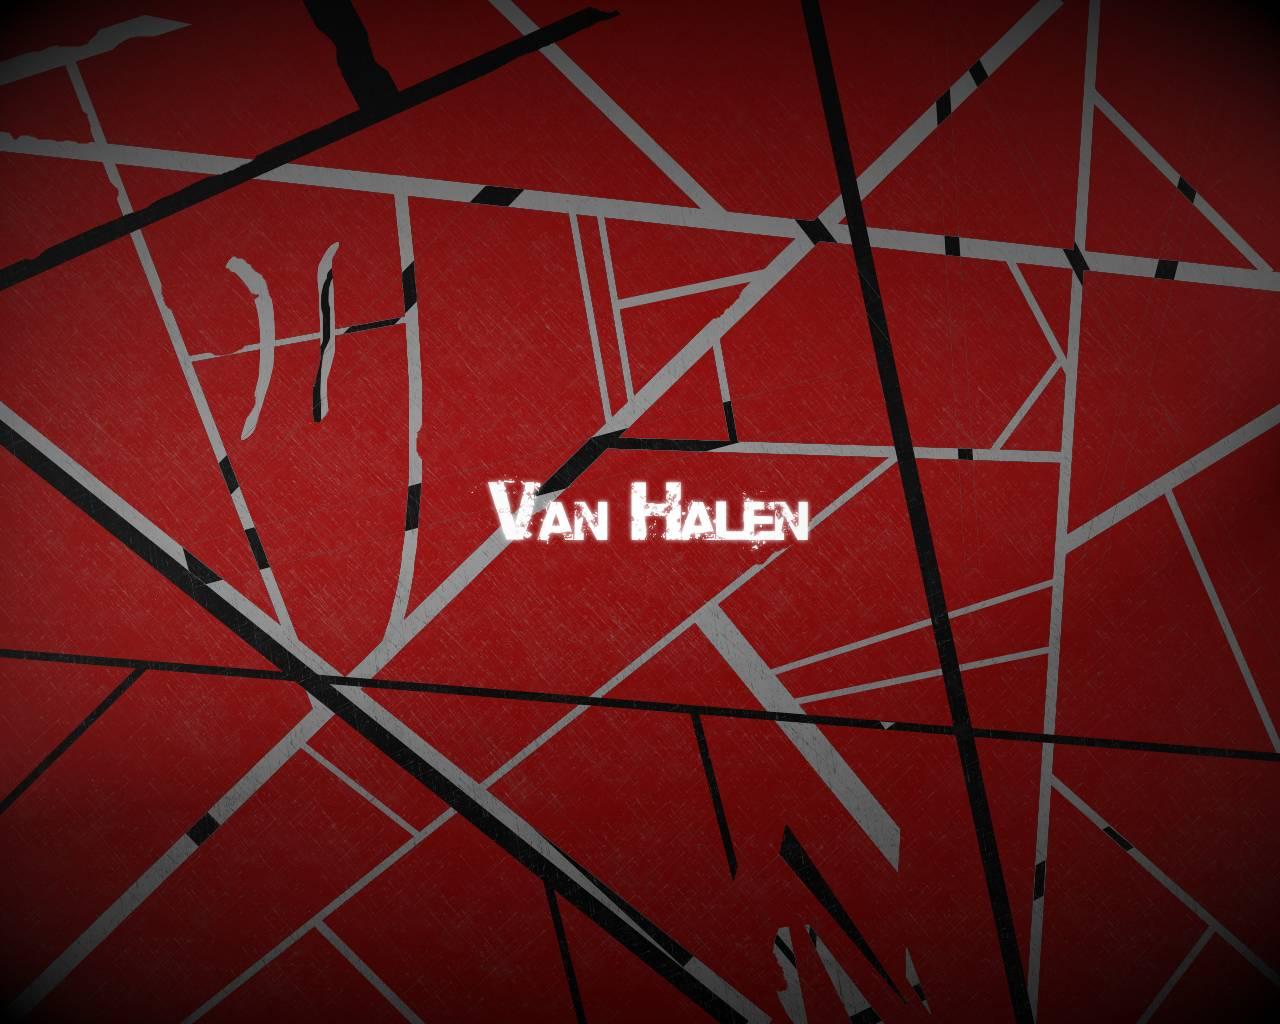 Van Halen Wallpaper Iphone 6